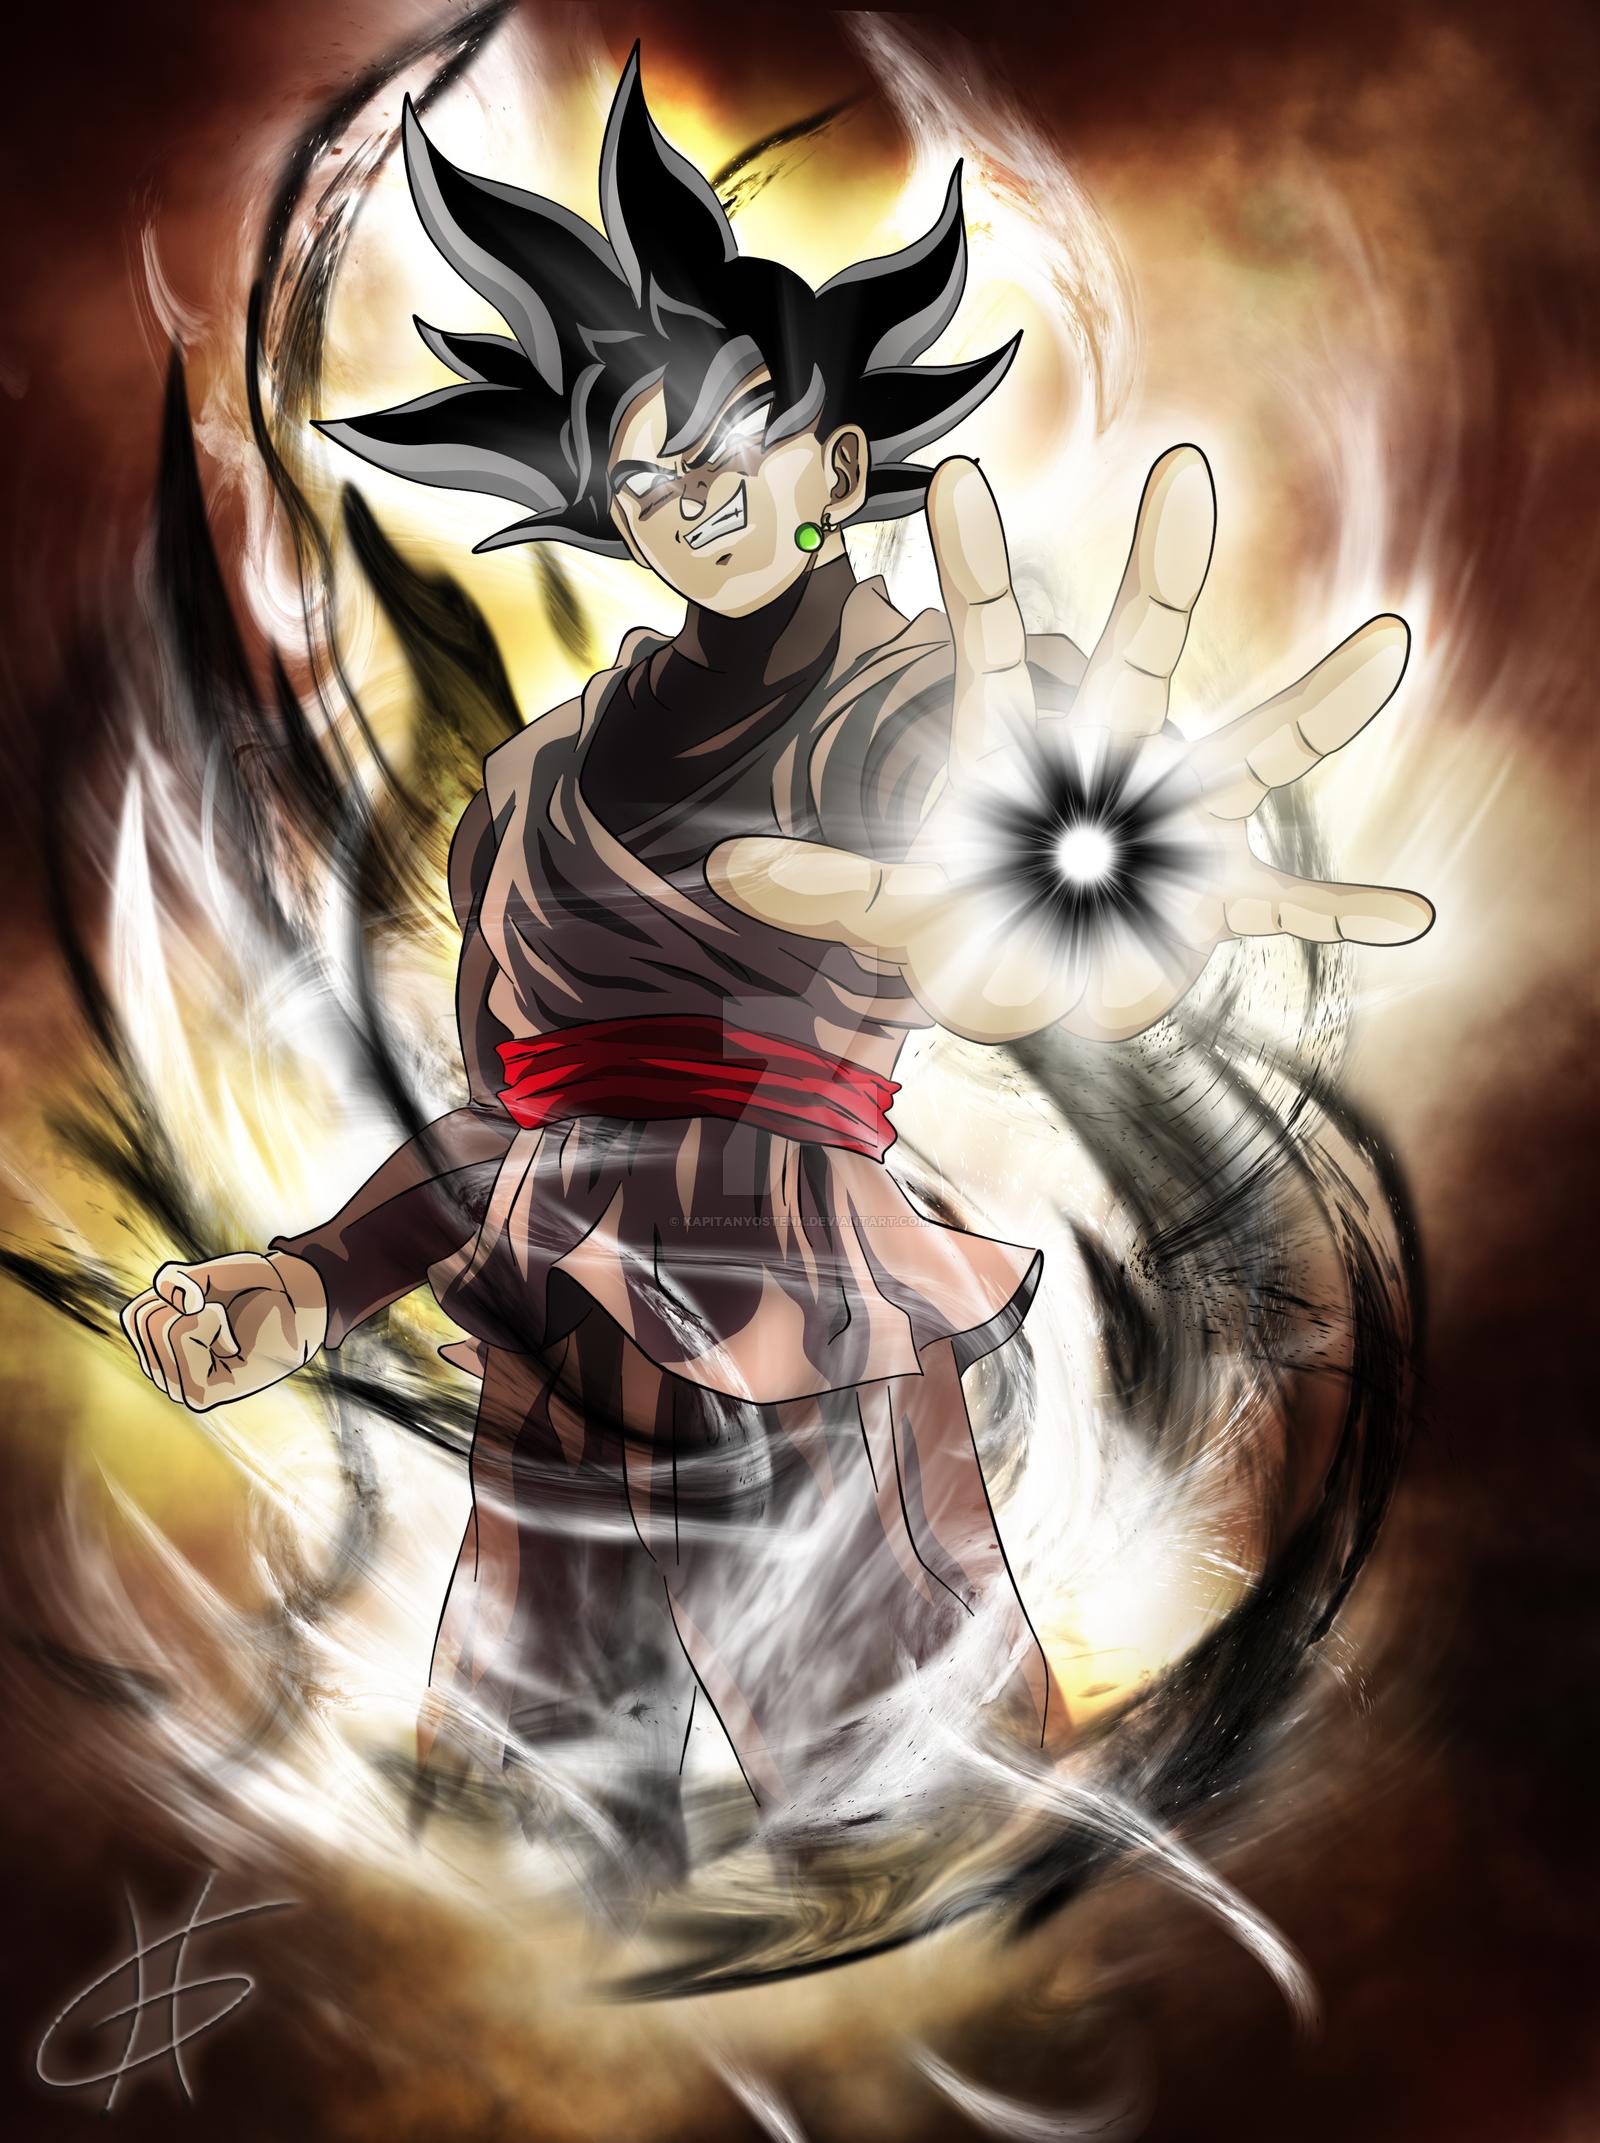 Kết quả hình ảnh cho dragon ball super black goku